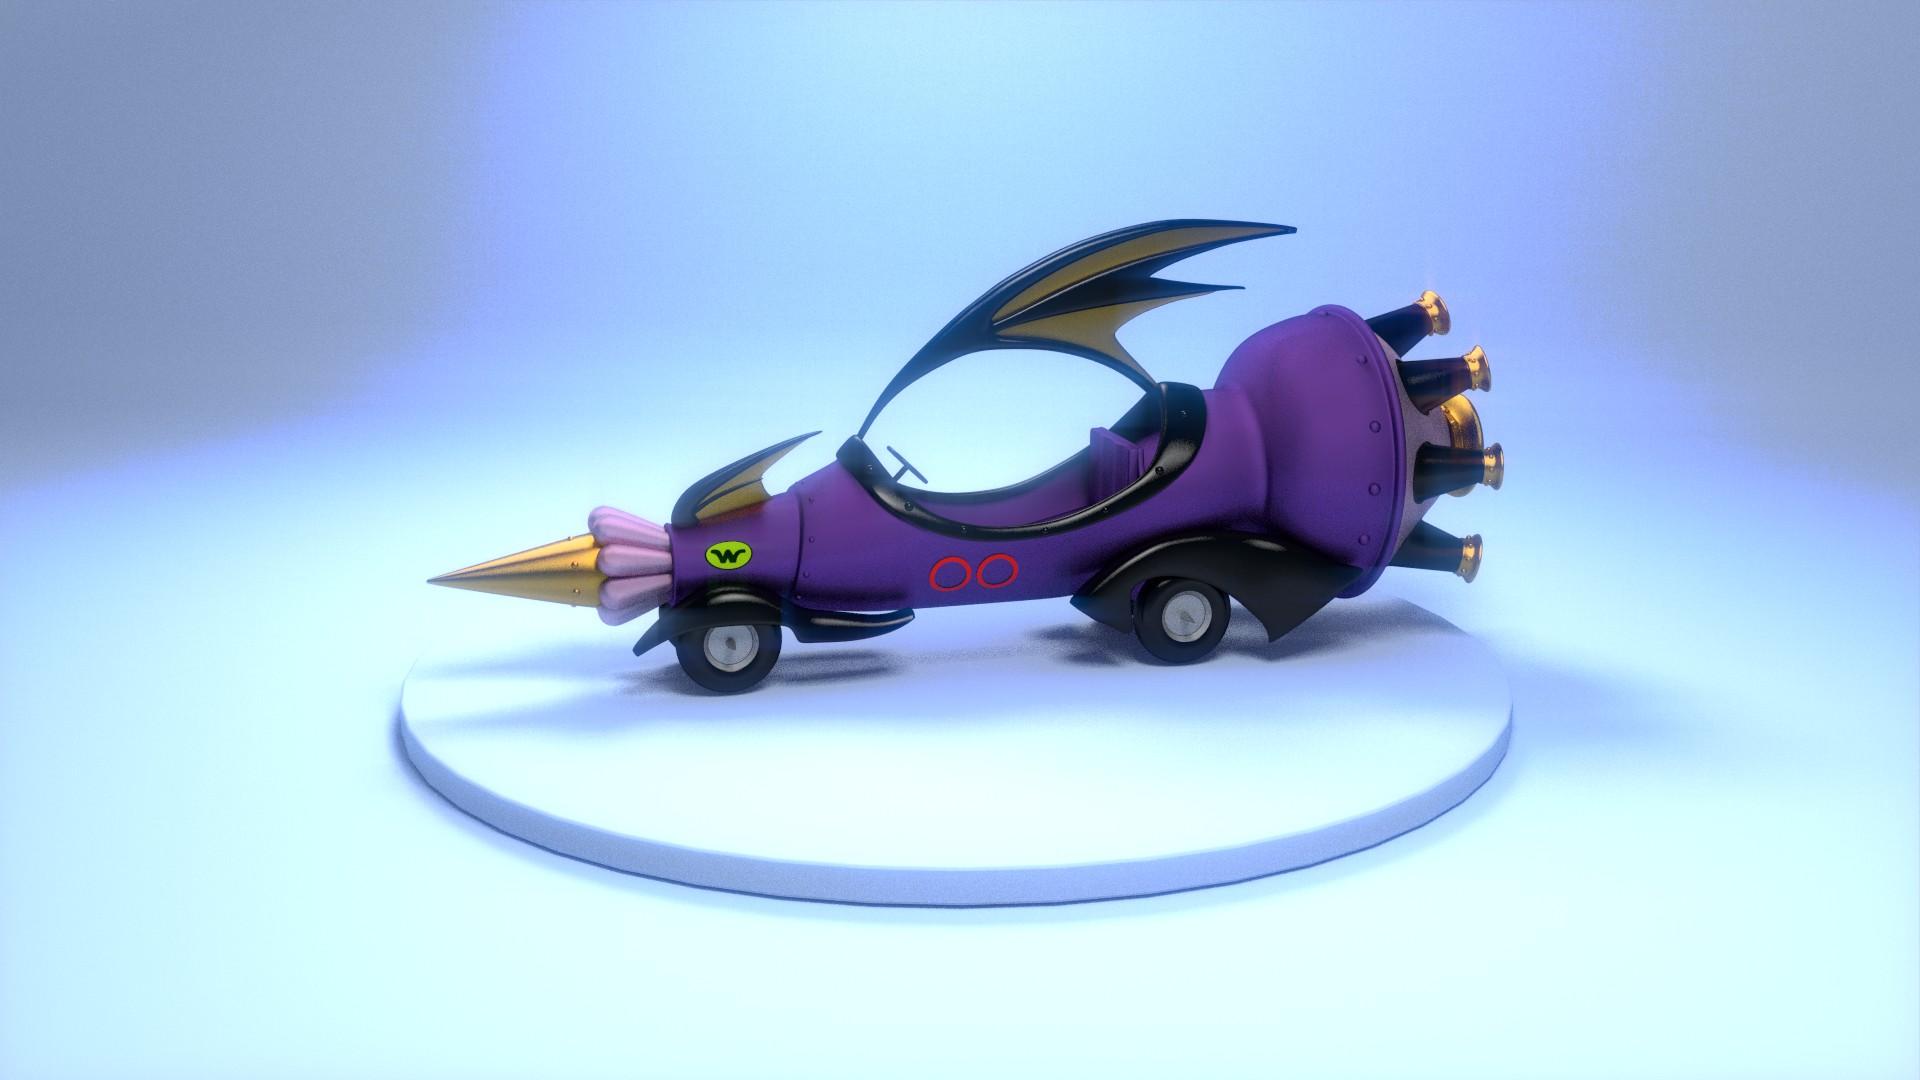 Los autos locos wacky races soliman-00-el_super_perrari.jpg